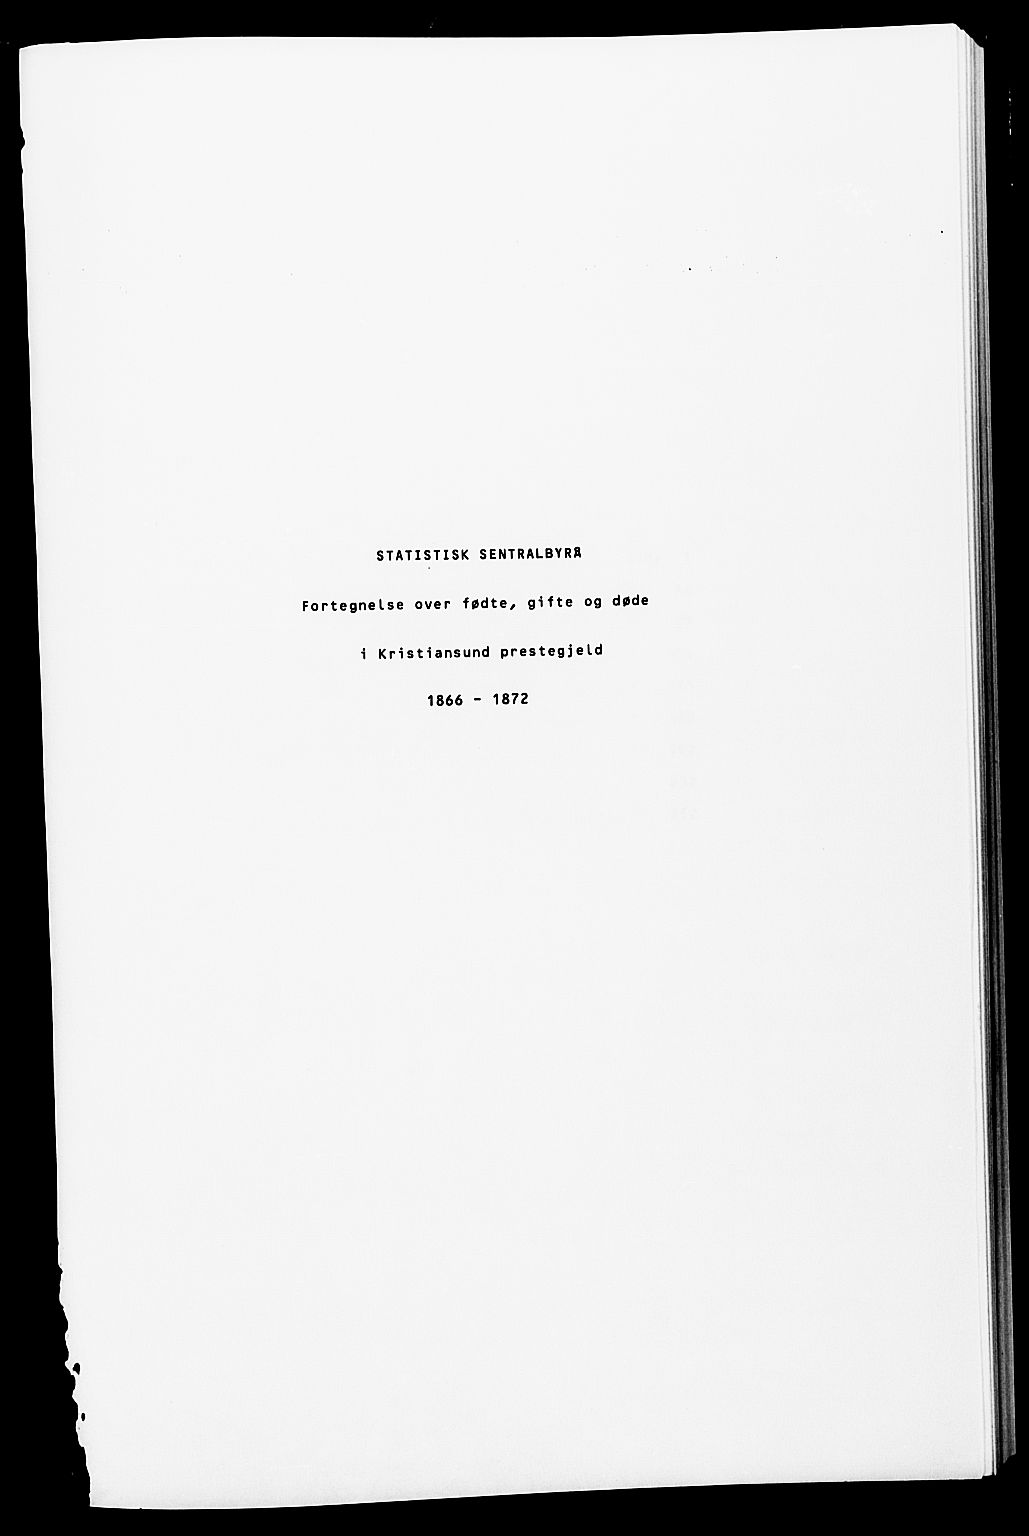 SAT, Ministerialprotokoller, klokkerbøker og fødselsregistre - Møre og Romsdal, 572/L0857: Ministerialbok nr. 572D01, 1866-1872